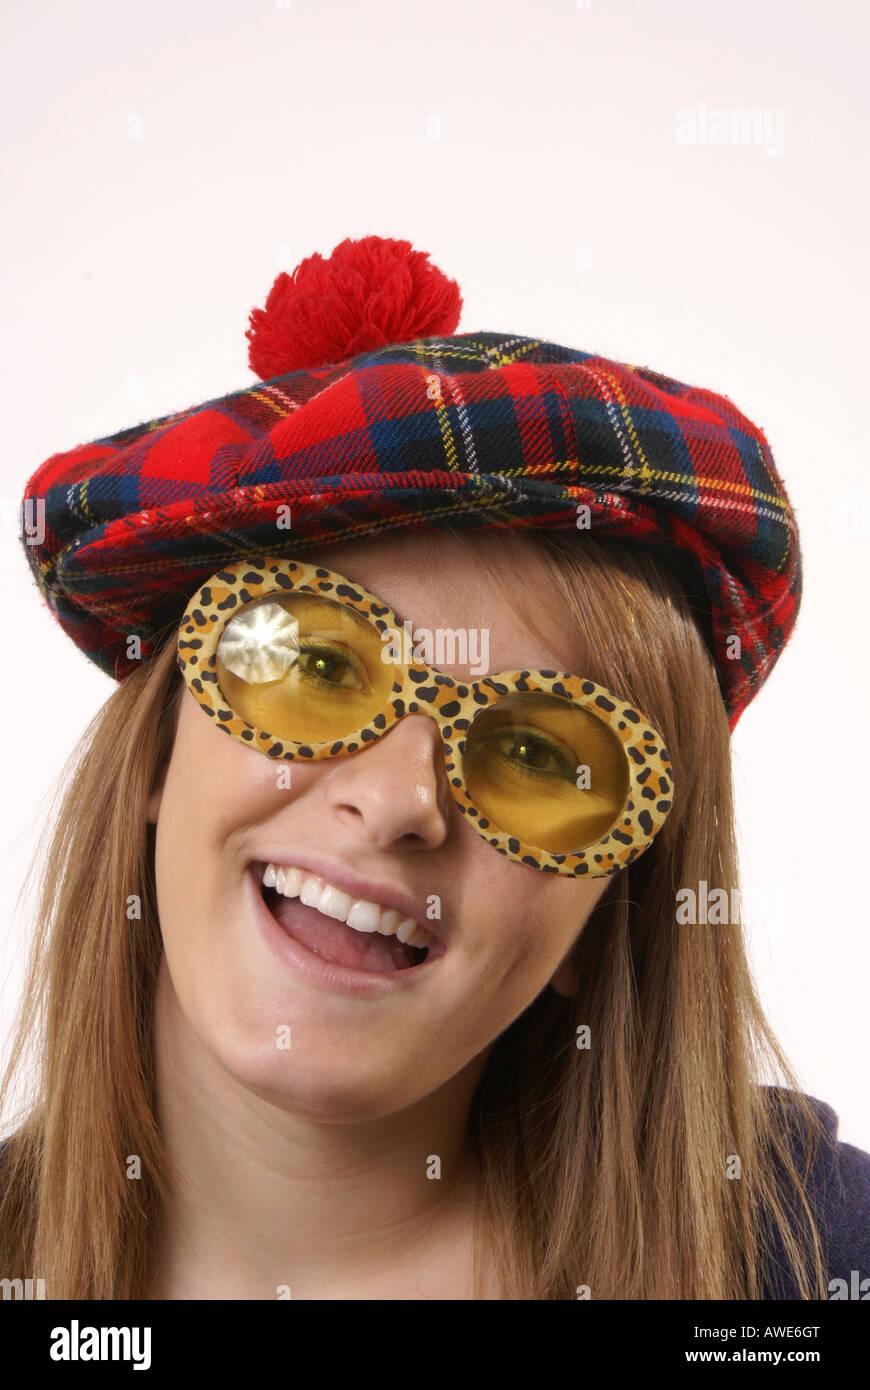 Scottish Hat Imágenes De Stock   Scottish Hat Fotos De Stock - Alamy 8d85ece34f0